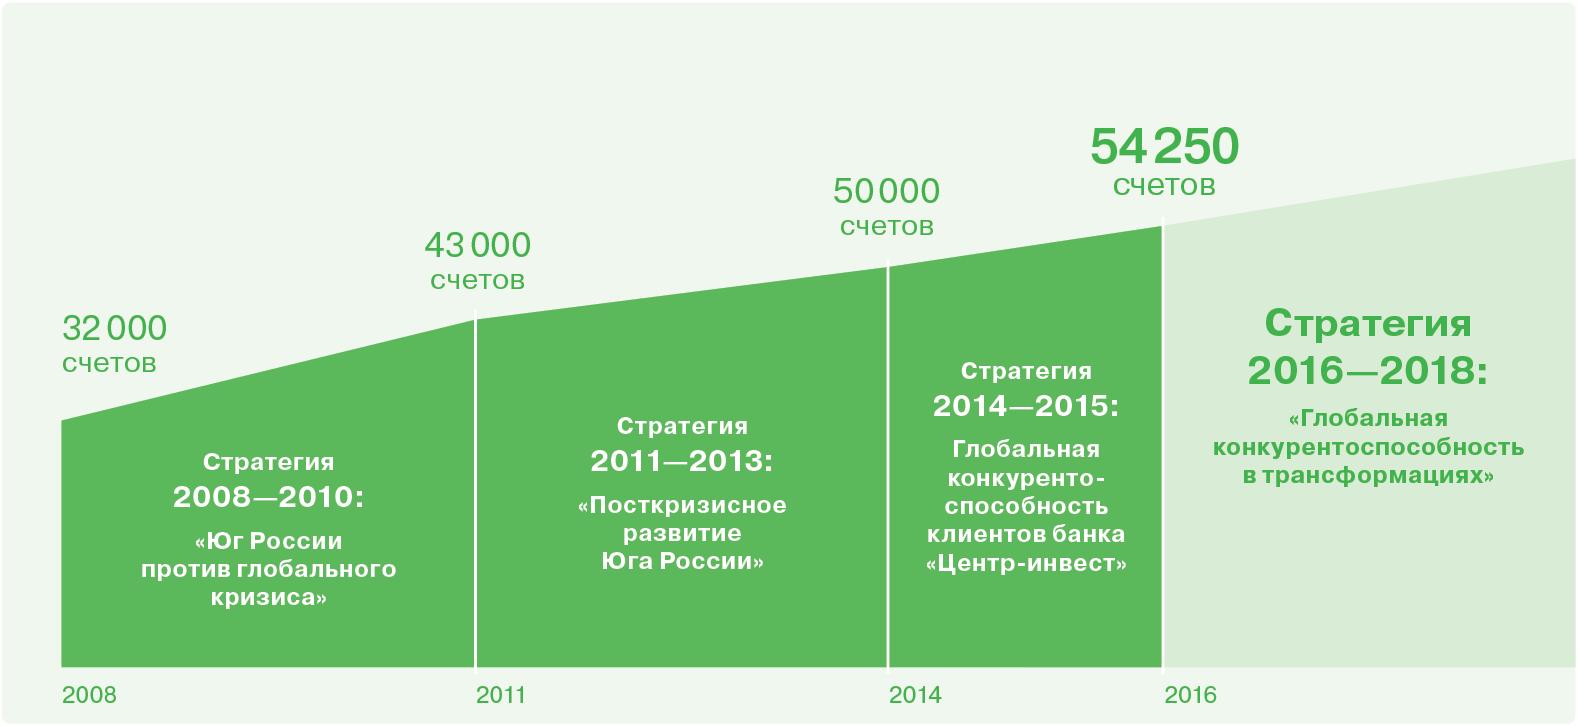 Годовой отчёт Центр инвест В 2015 году банк продолжил работу по увеличению числа клиентов юридических лиц и предпринимателей Количество открытых расчетных счетов в 2015 году